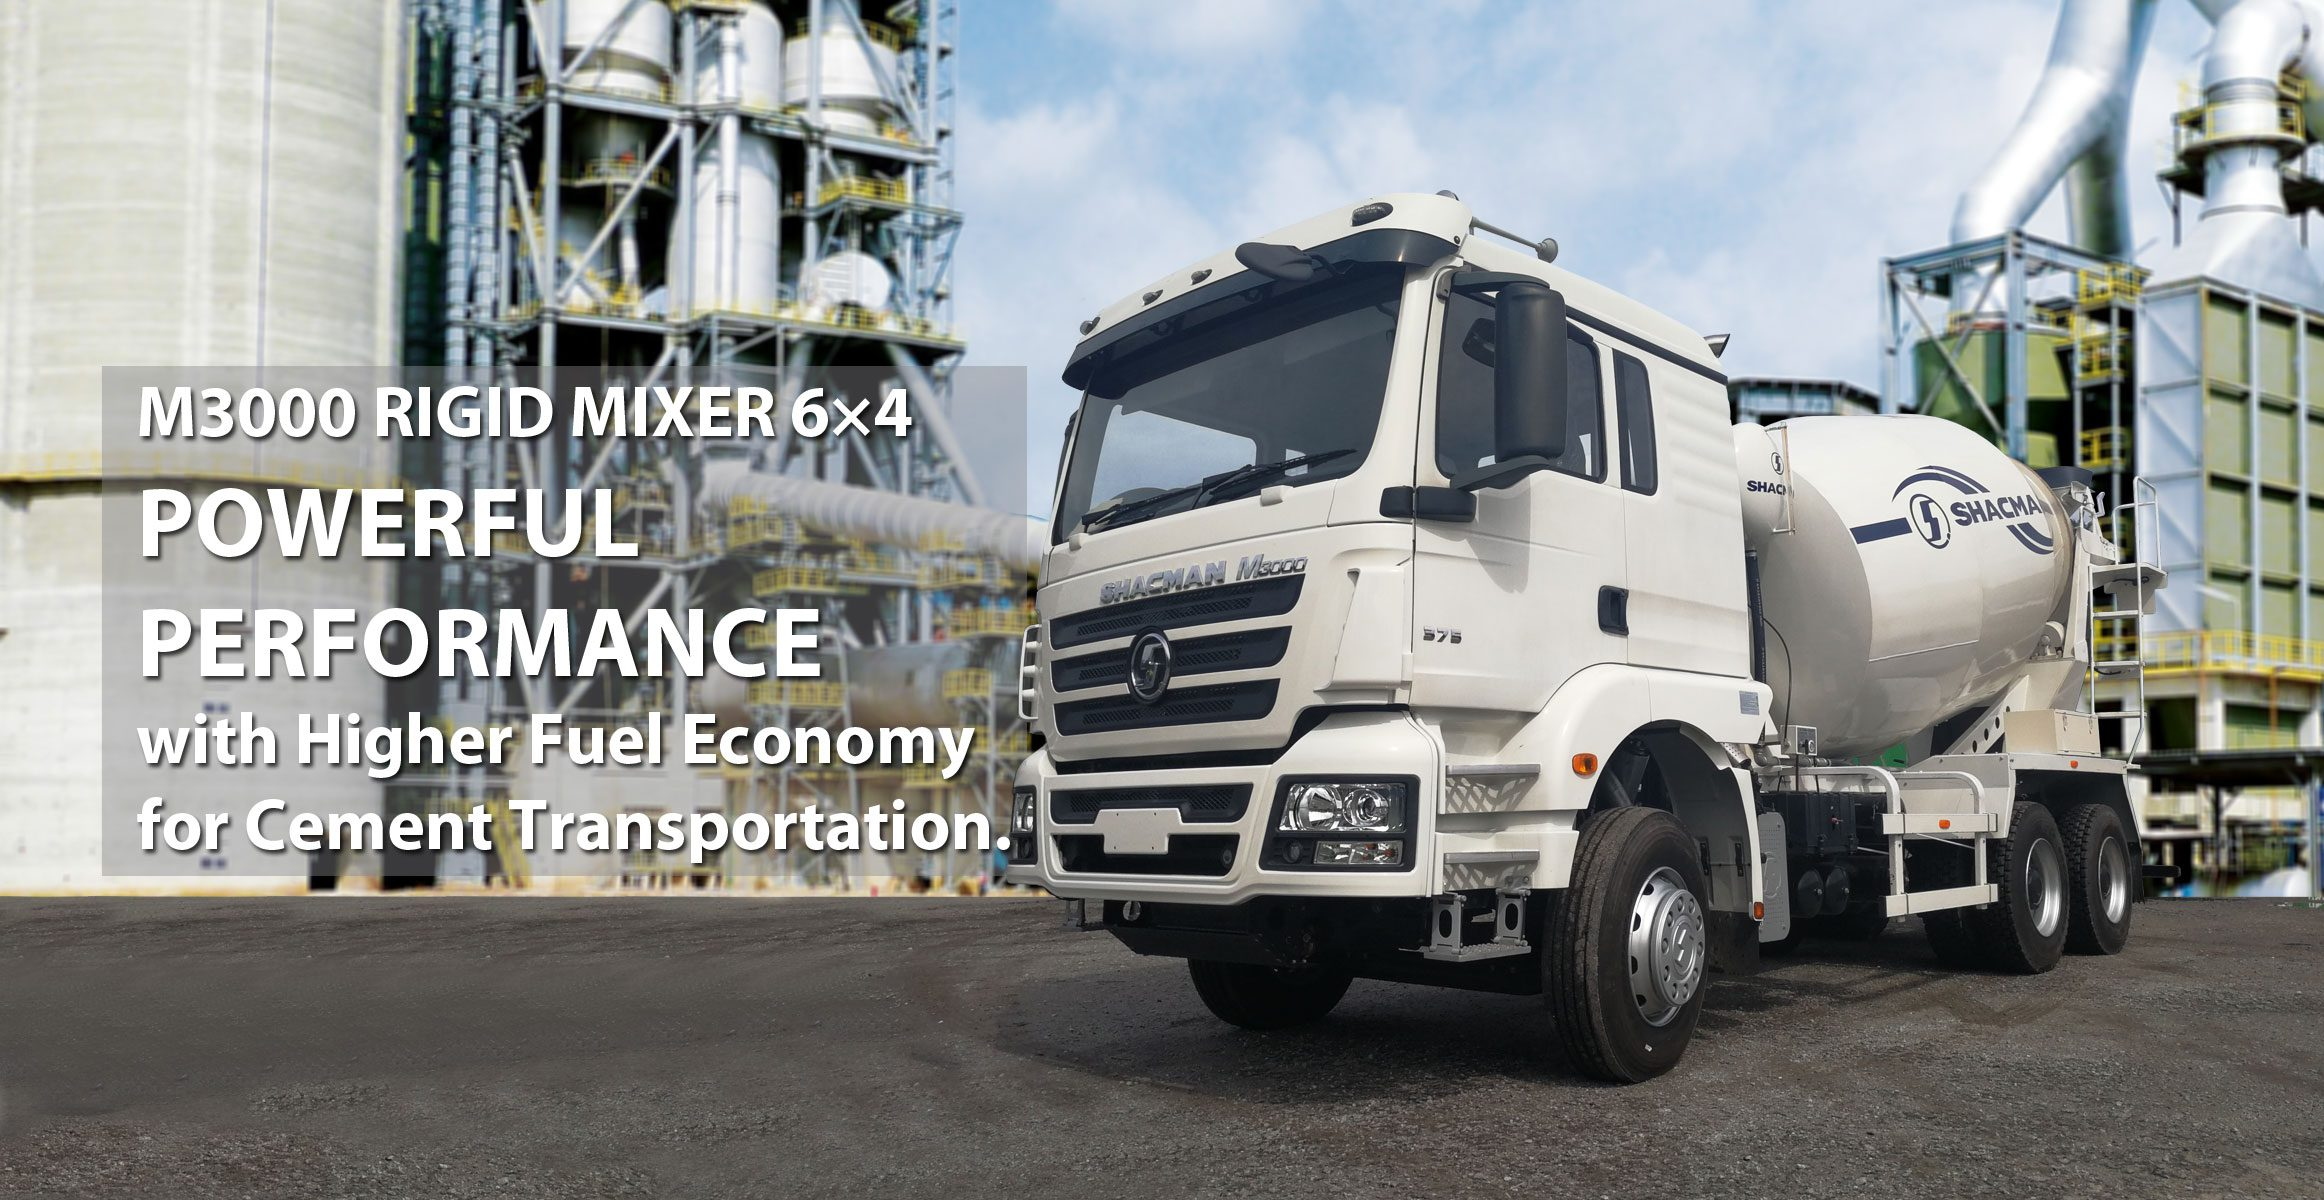 M3000-Rigid-Mixer-6X4